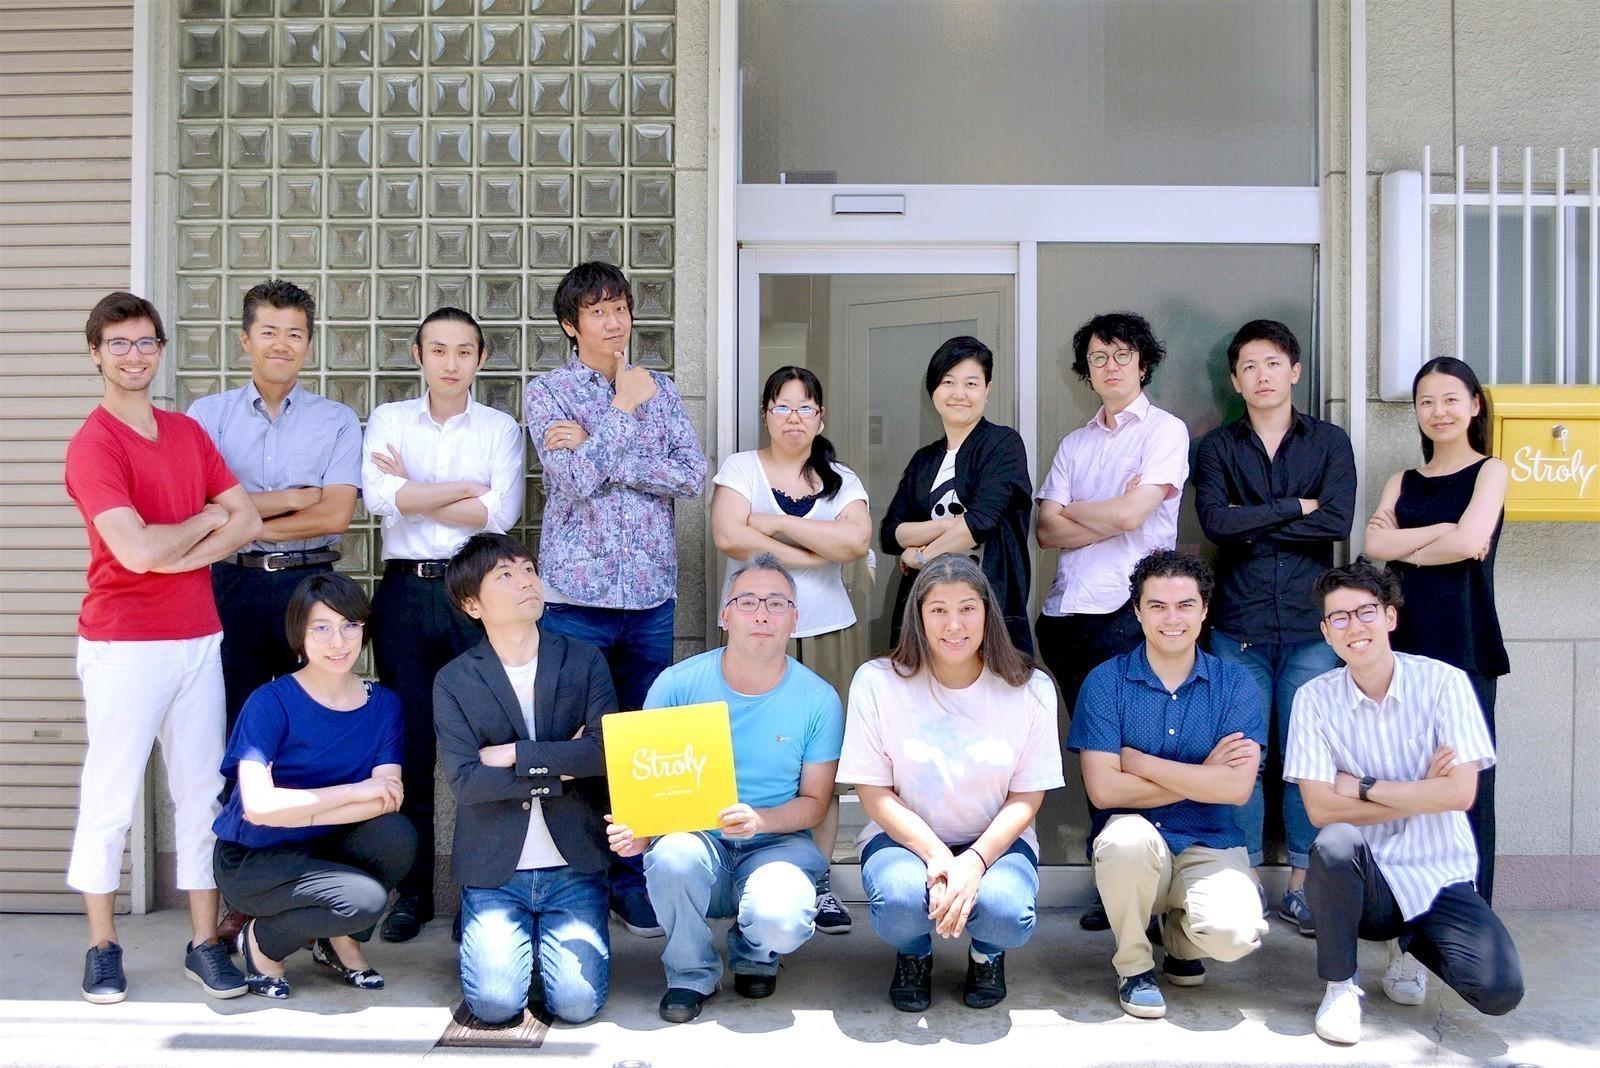 京都発スタートアップでオンライン地図サービスのUIを手がけるフロントエンドエンジニア募集(東京勤務)